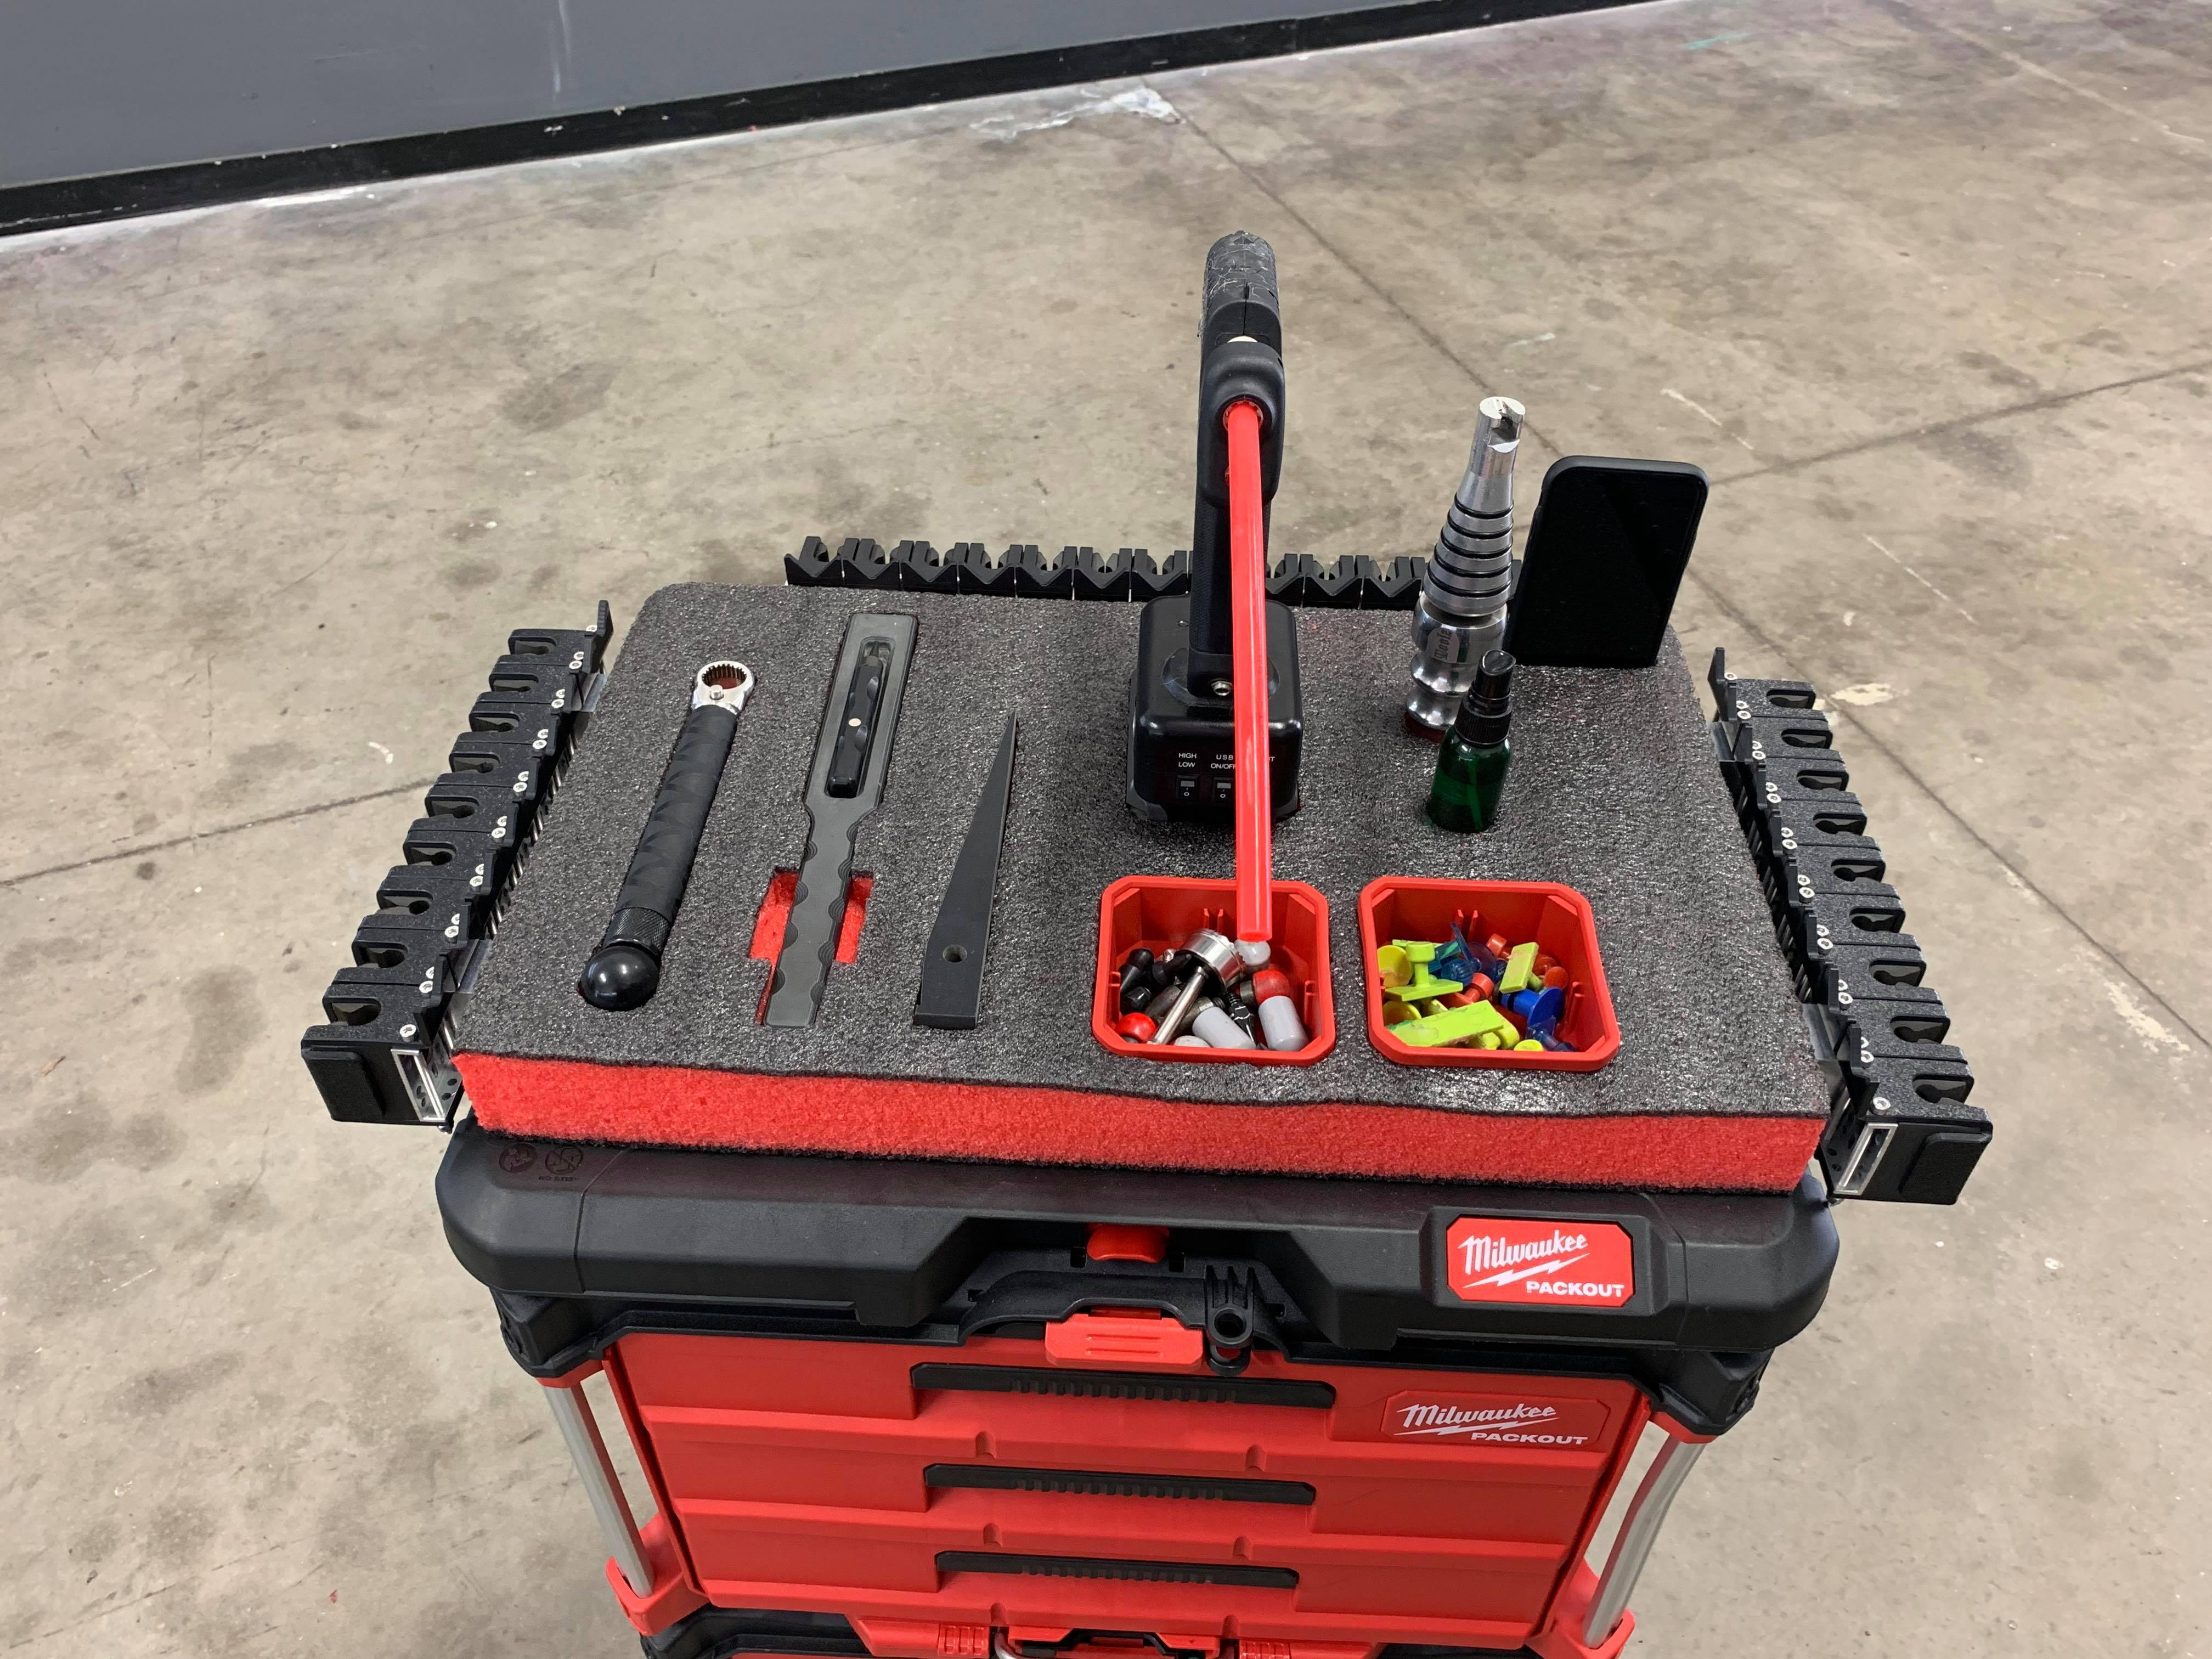 Paintless dent repair tool cart